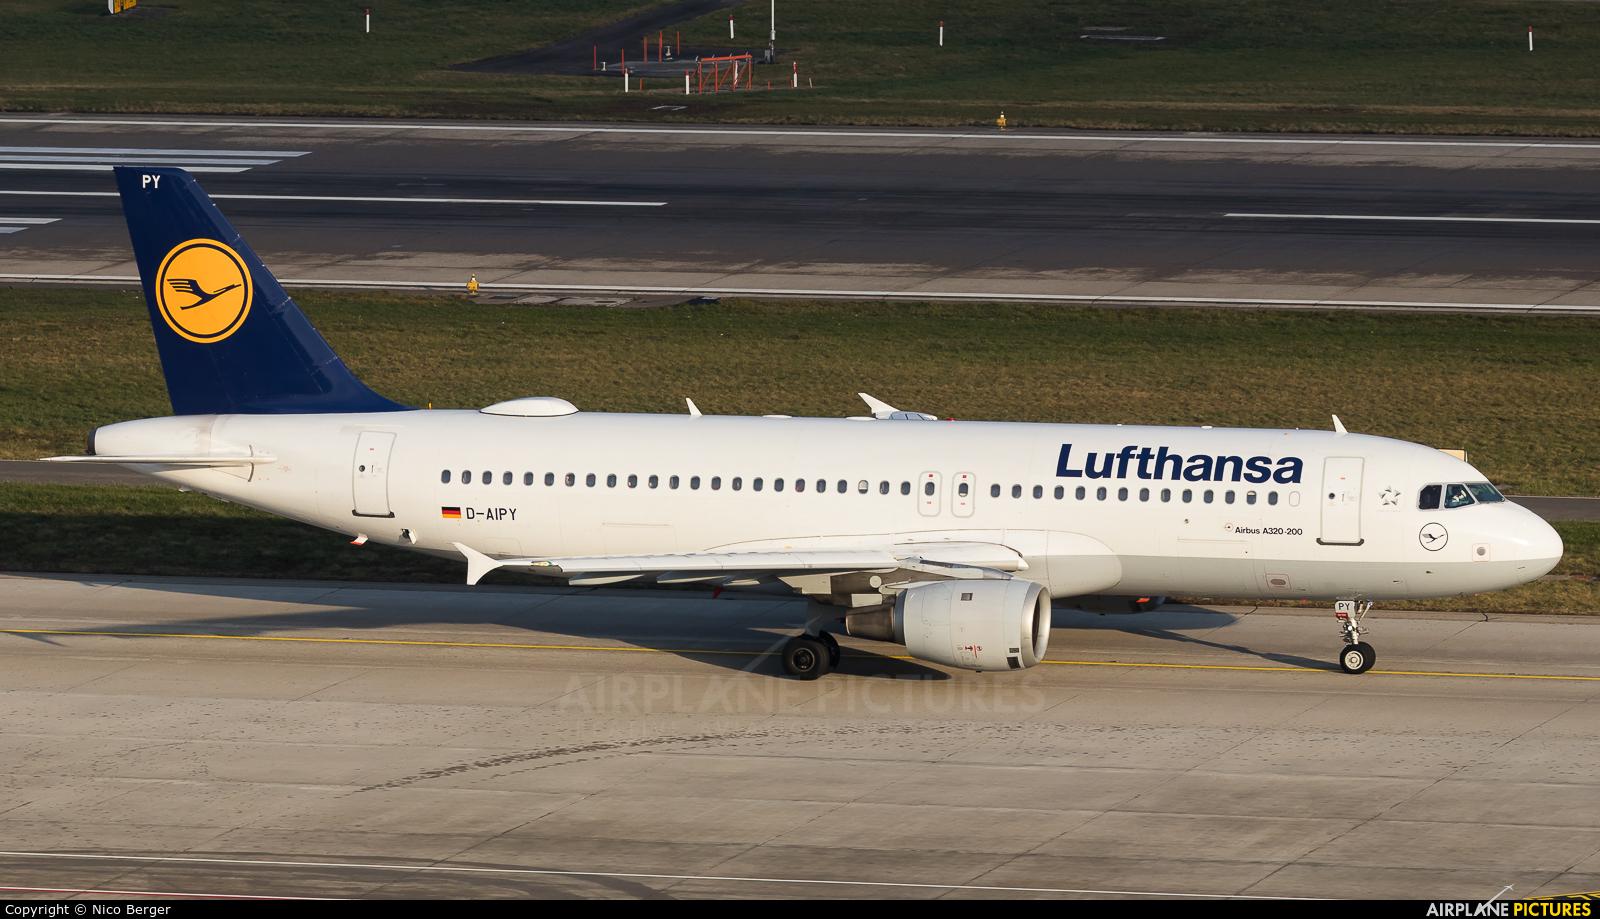 Lufthansa D-AIPY aircraft at Zurich